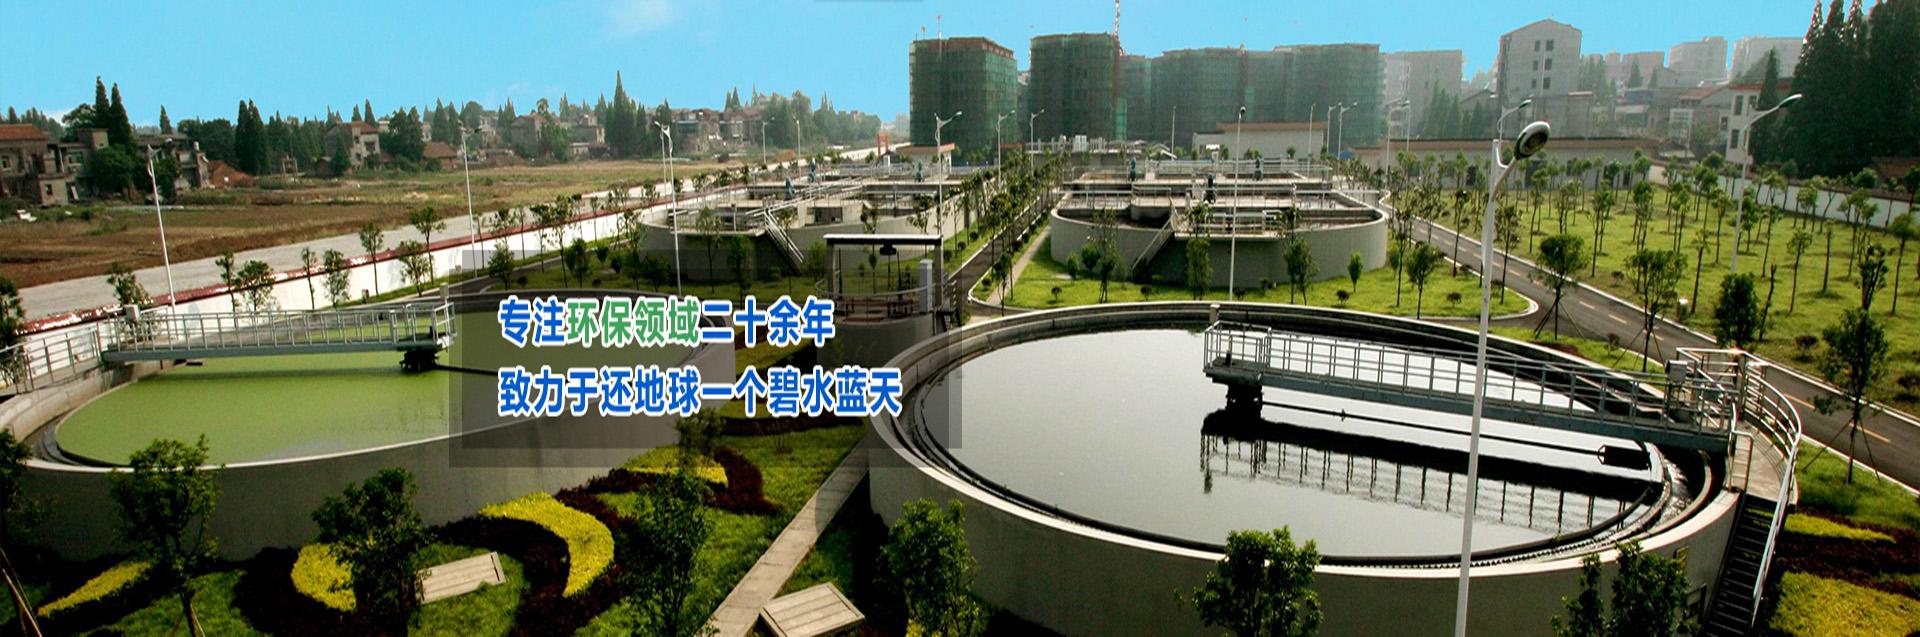 地maishi污水处理设备,yi体化污水处理设备-洛yang金贝游xi环保ji术有限公司